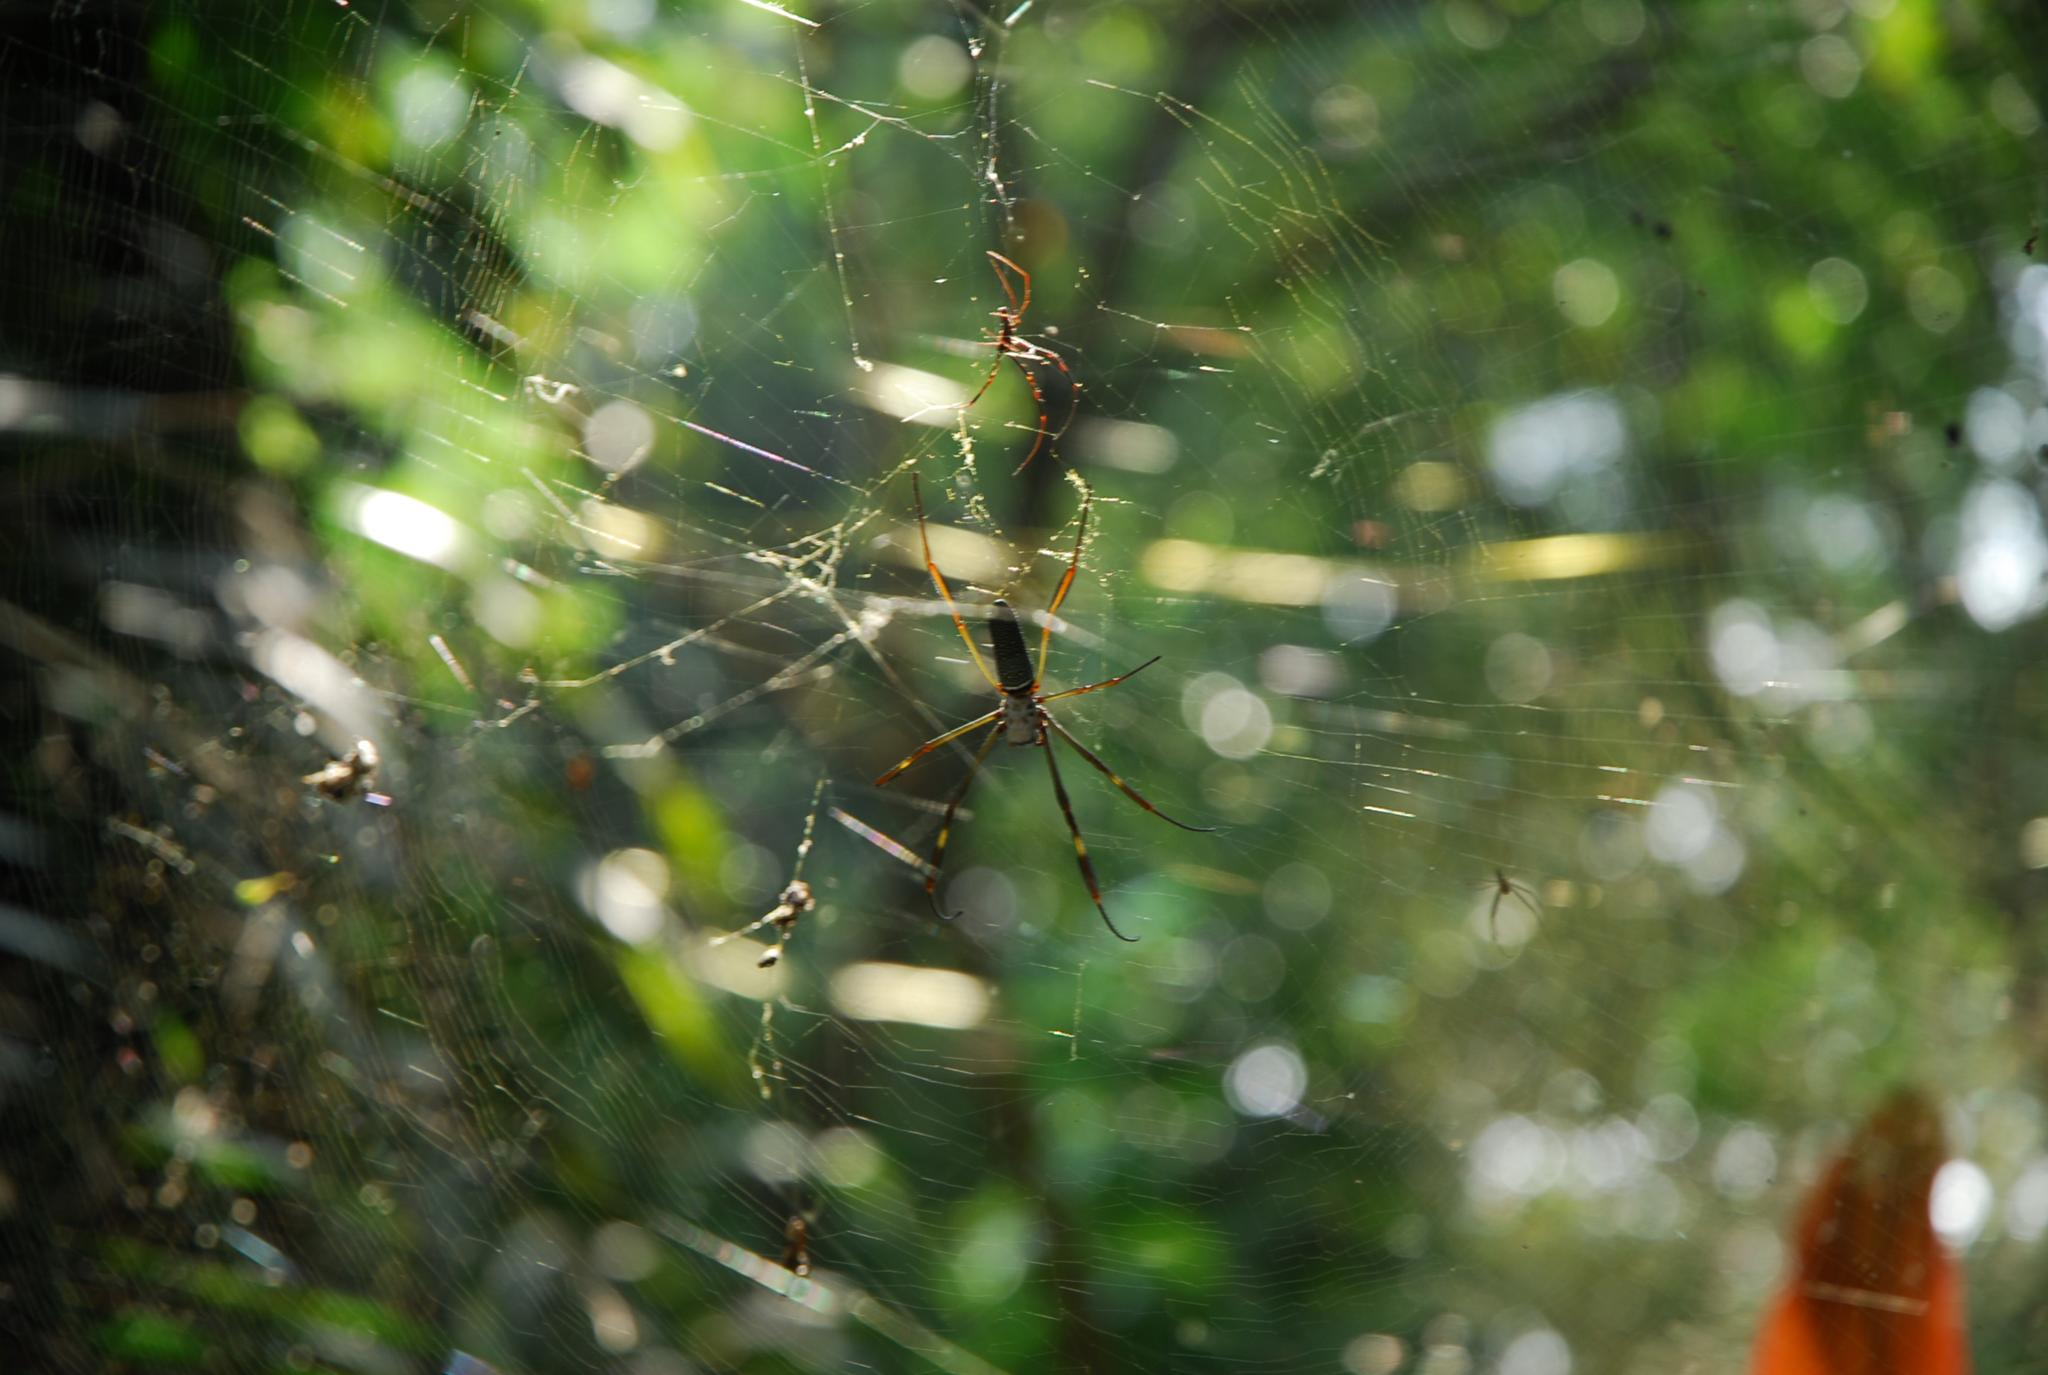 Spider by Eduardo Campanha